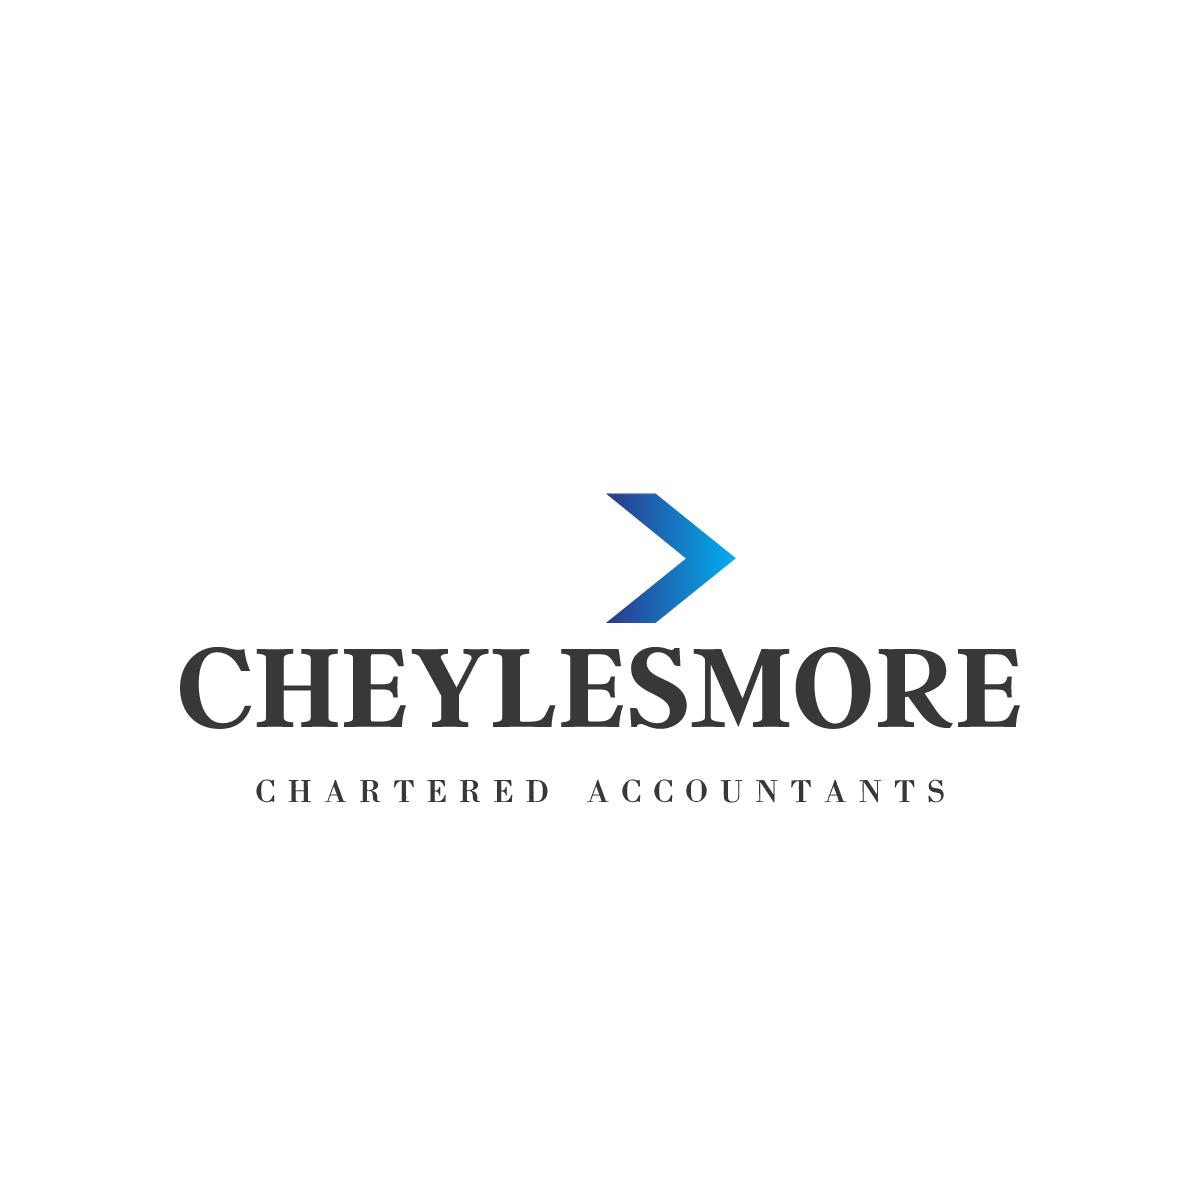 Cheylesmore